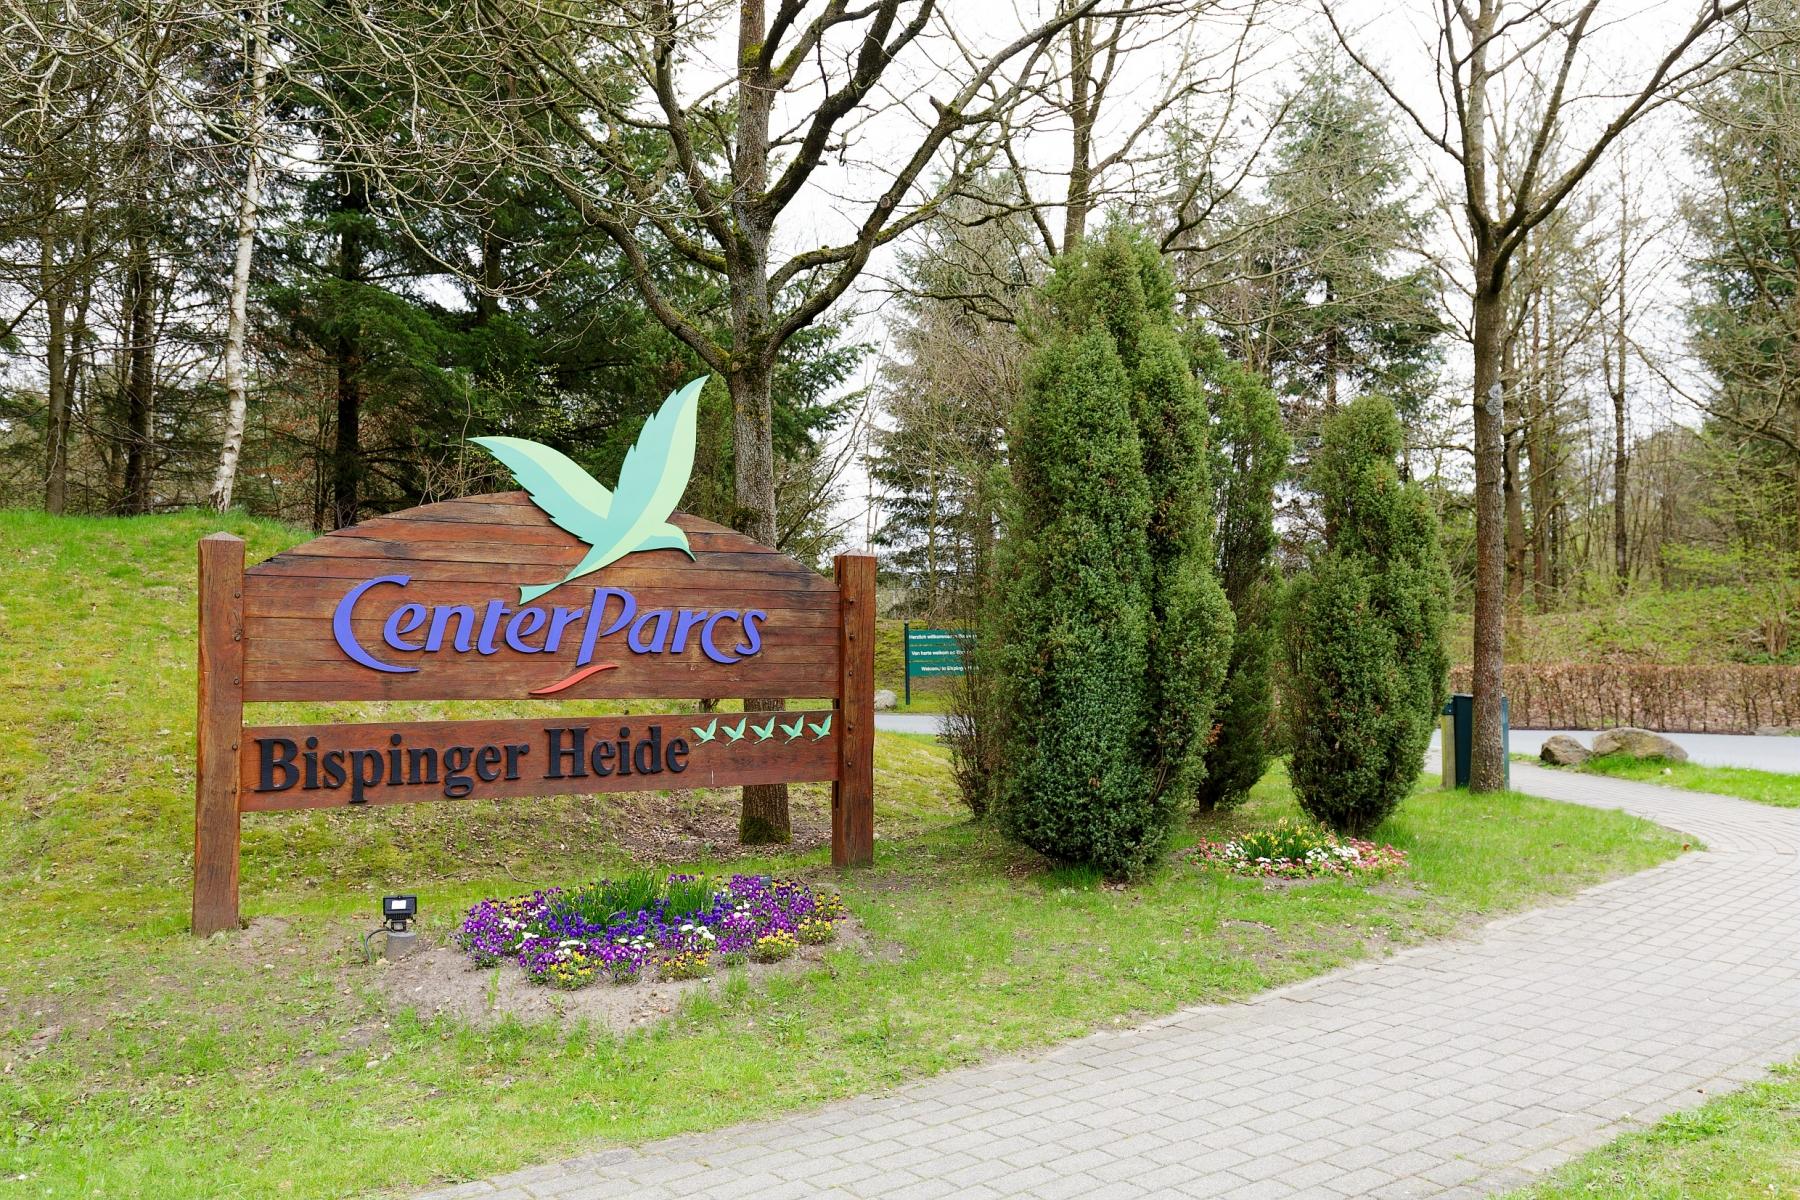 Center parcs bispinger heide adresse